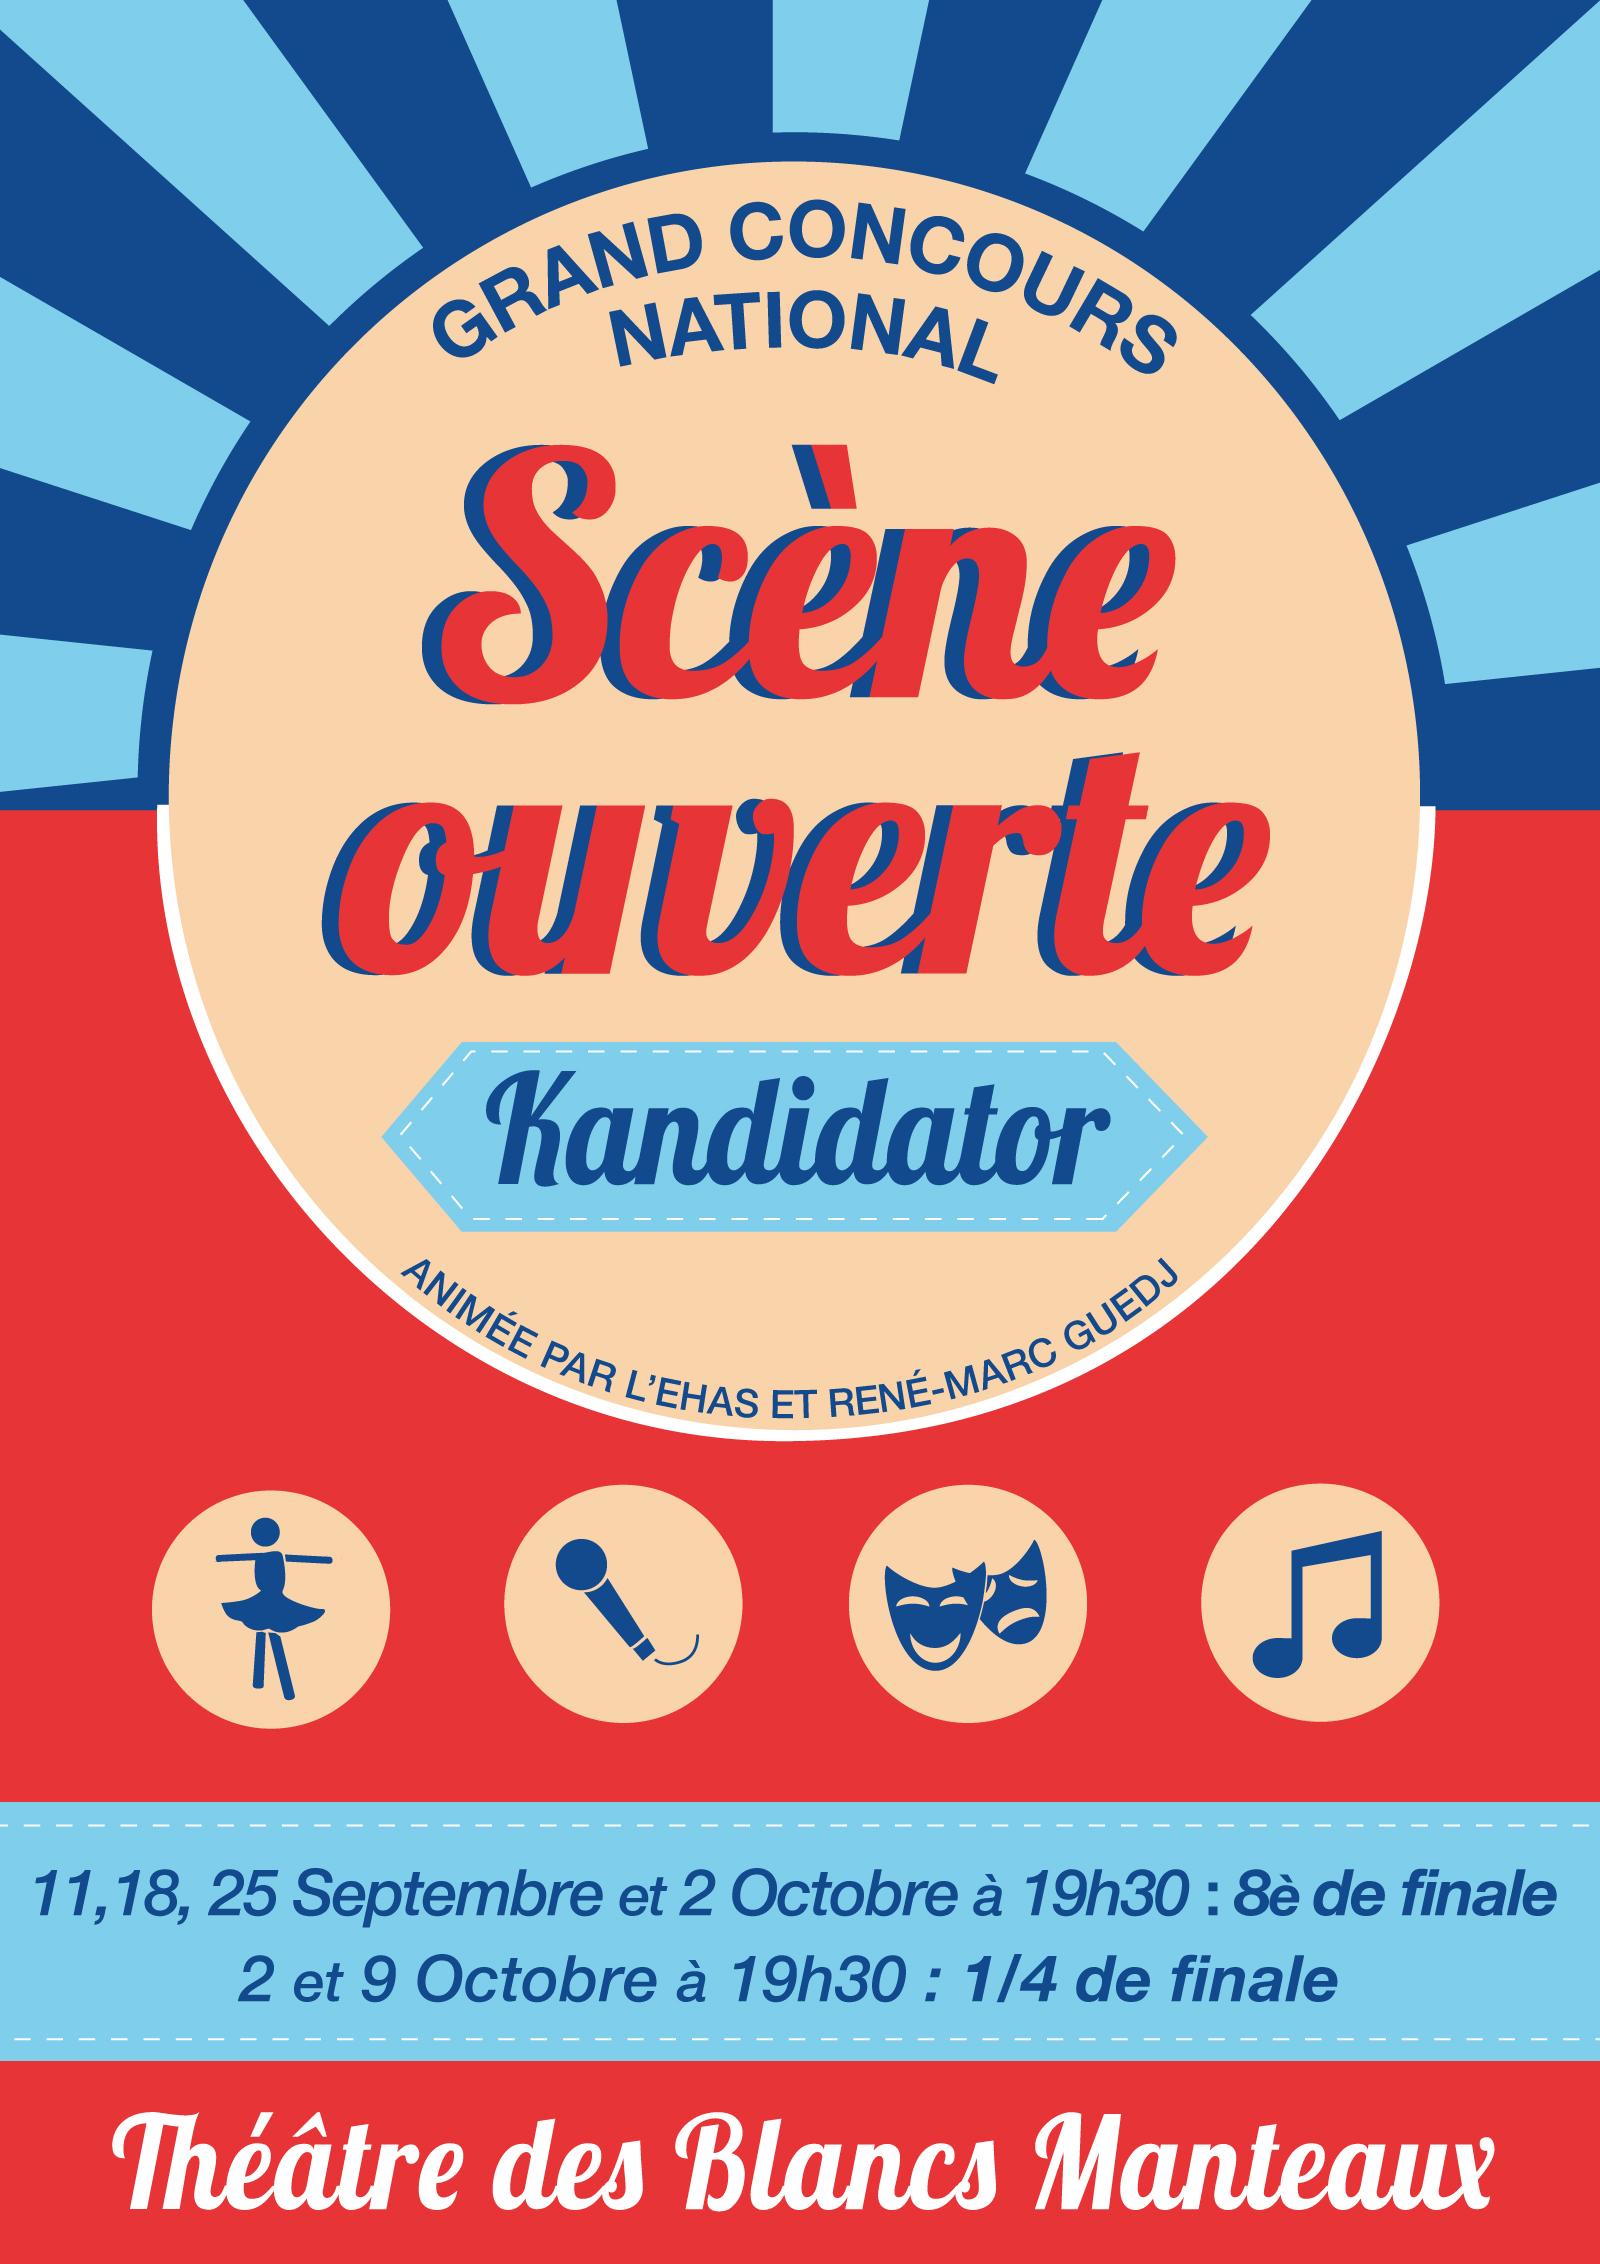 Huitième de Finale, le 25 Septembre - Théâtre des Blancs-Manteaux